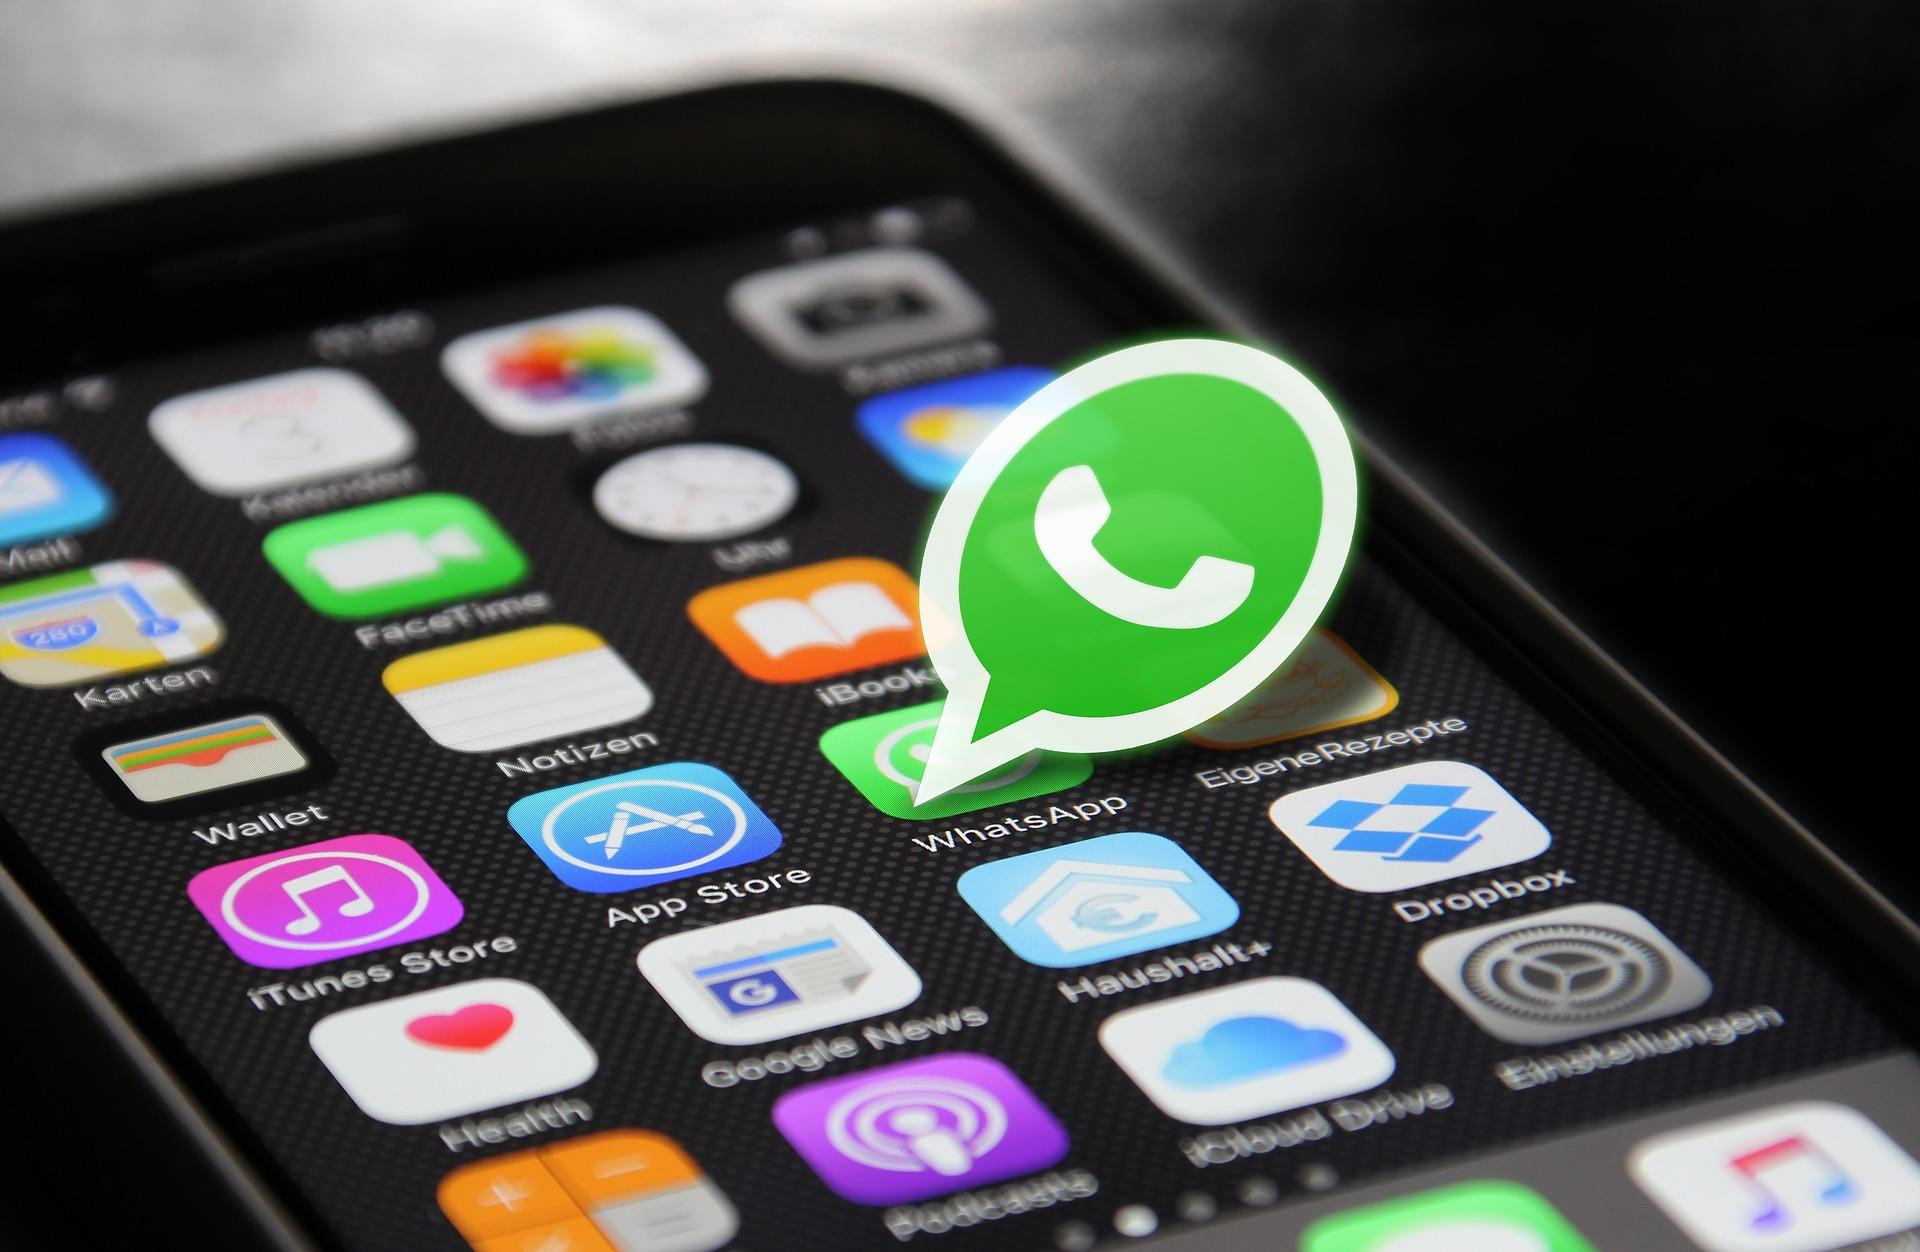 WhatsApp: Cómo saber quién te tiene agregado a sus contactos